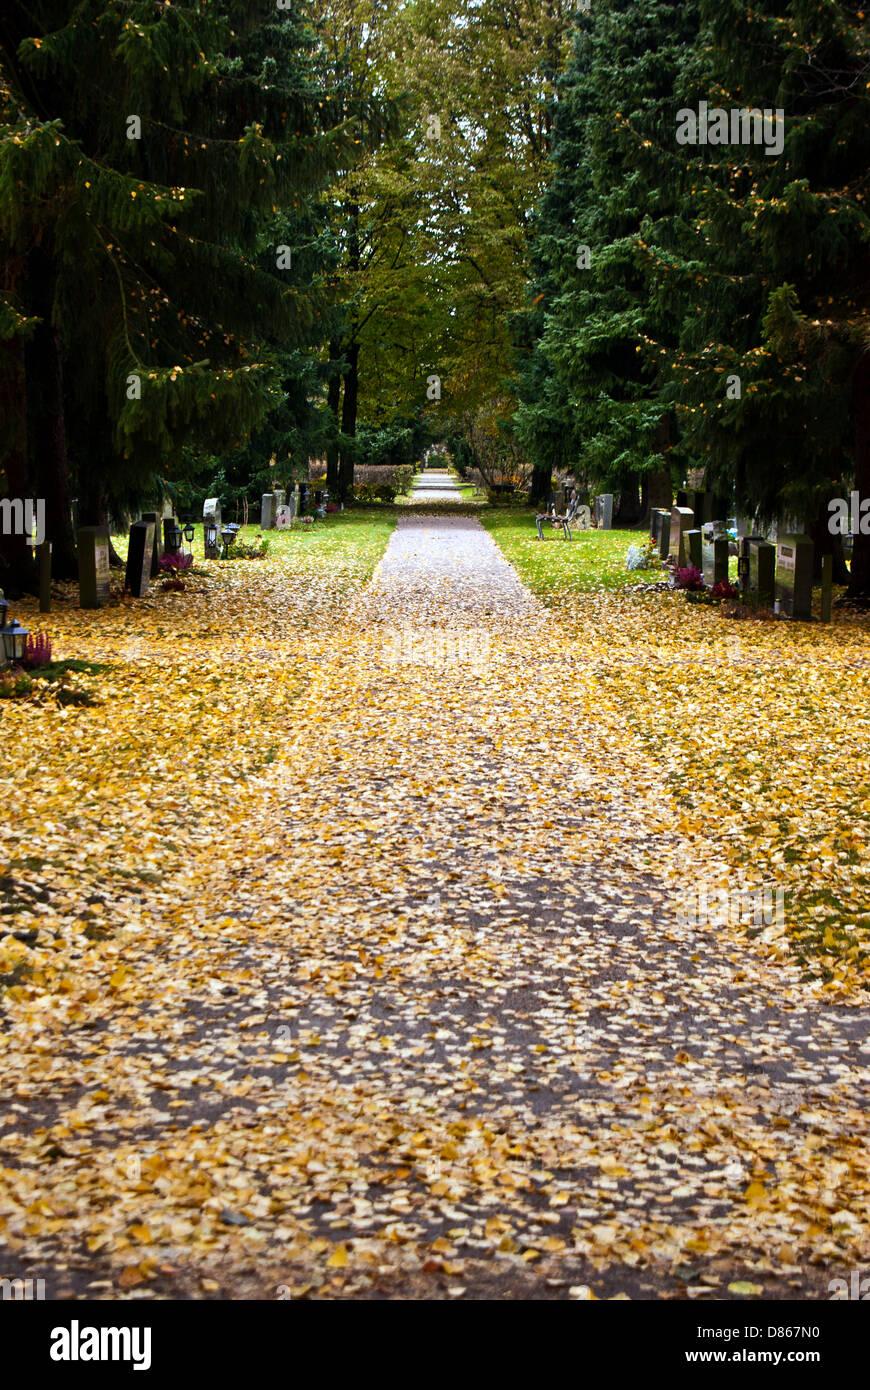 Cemetery corridor at Malmi cemetery in Finland - Stock Image